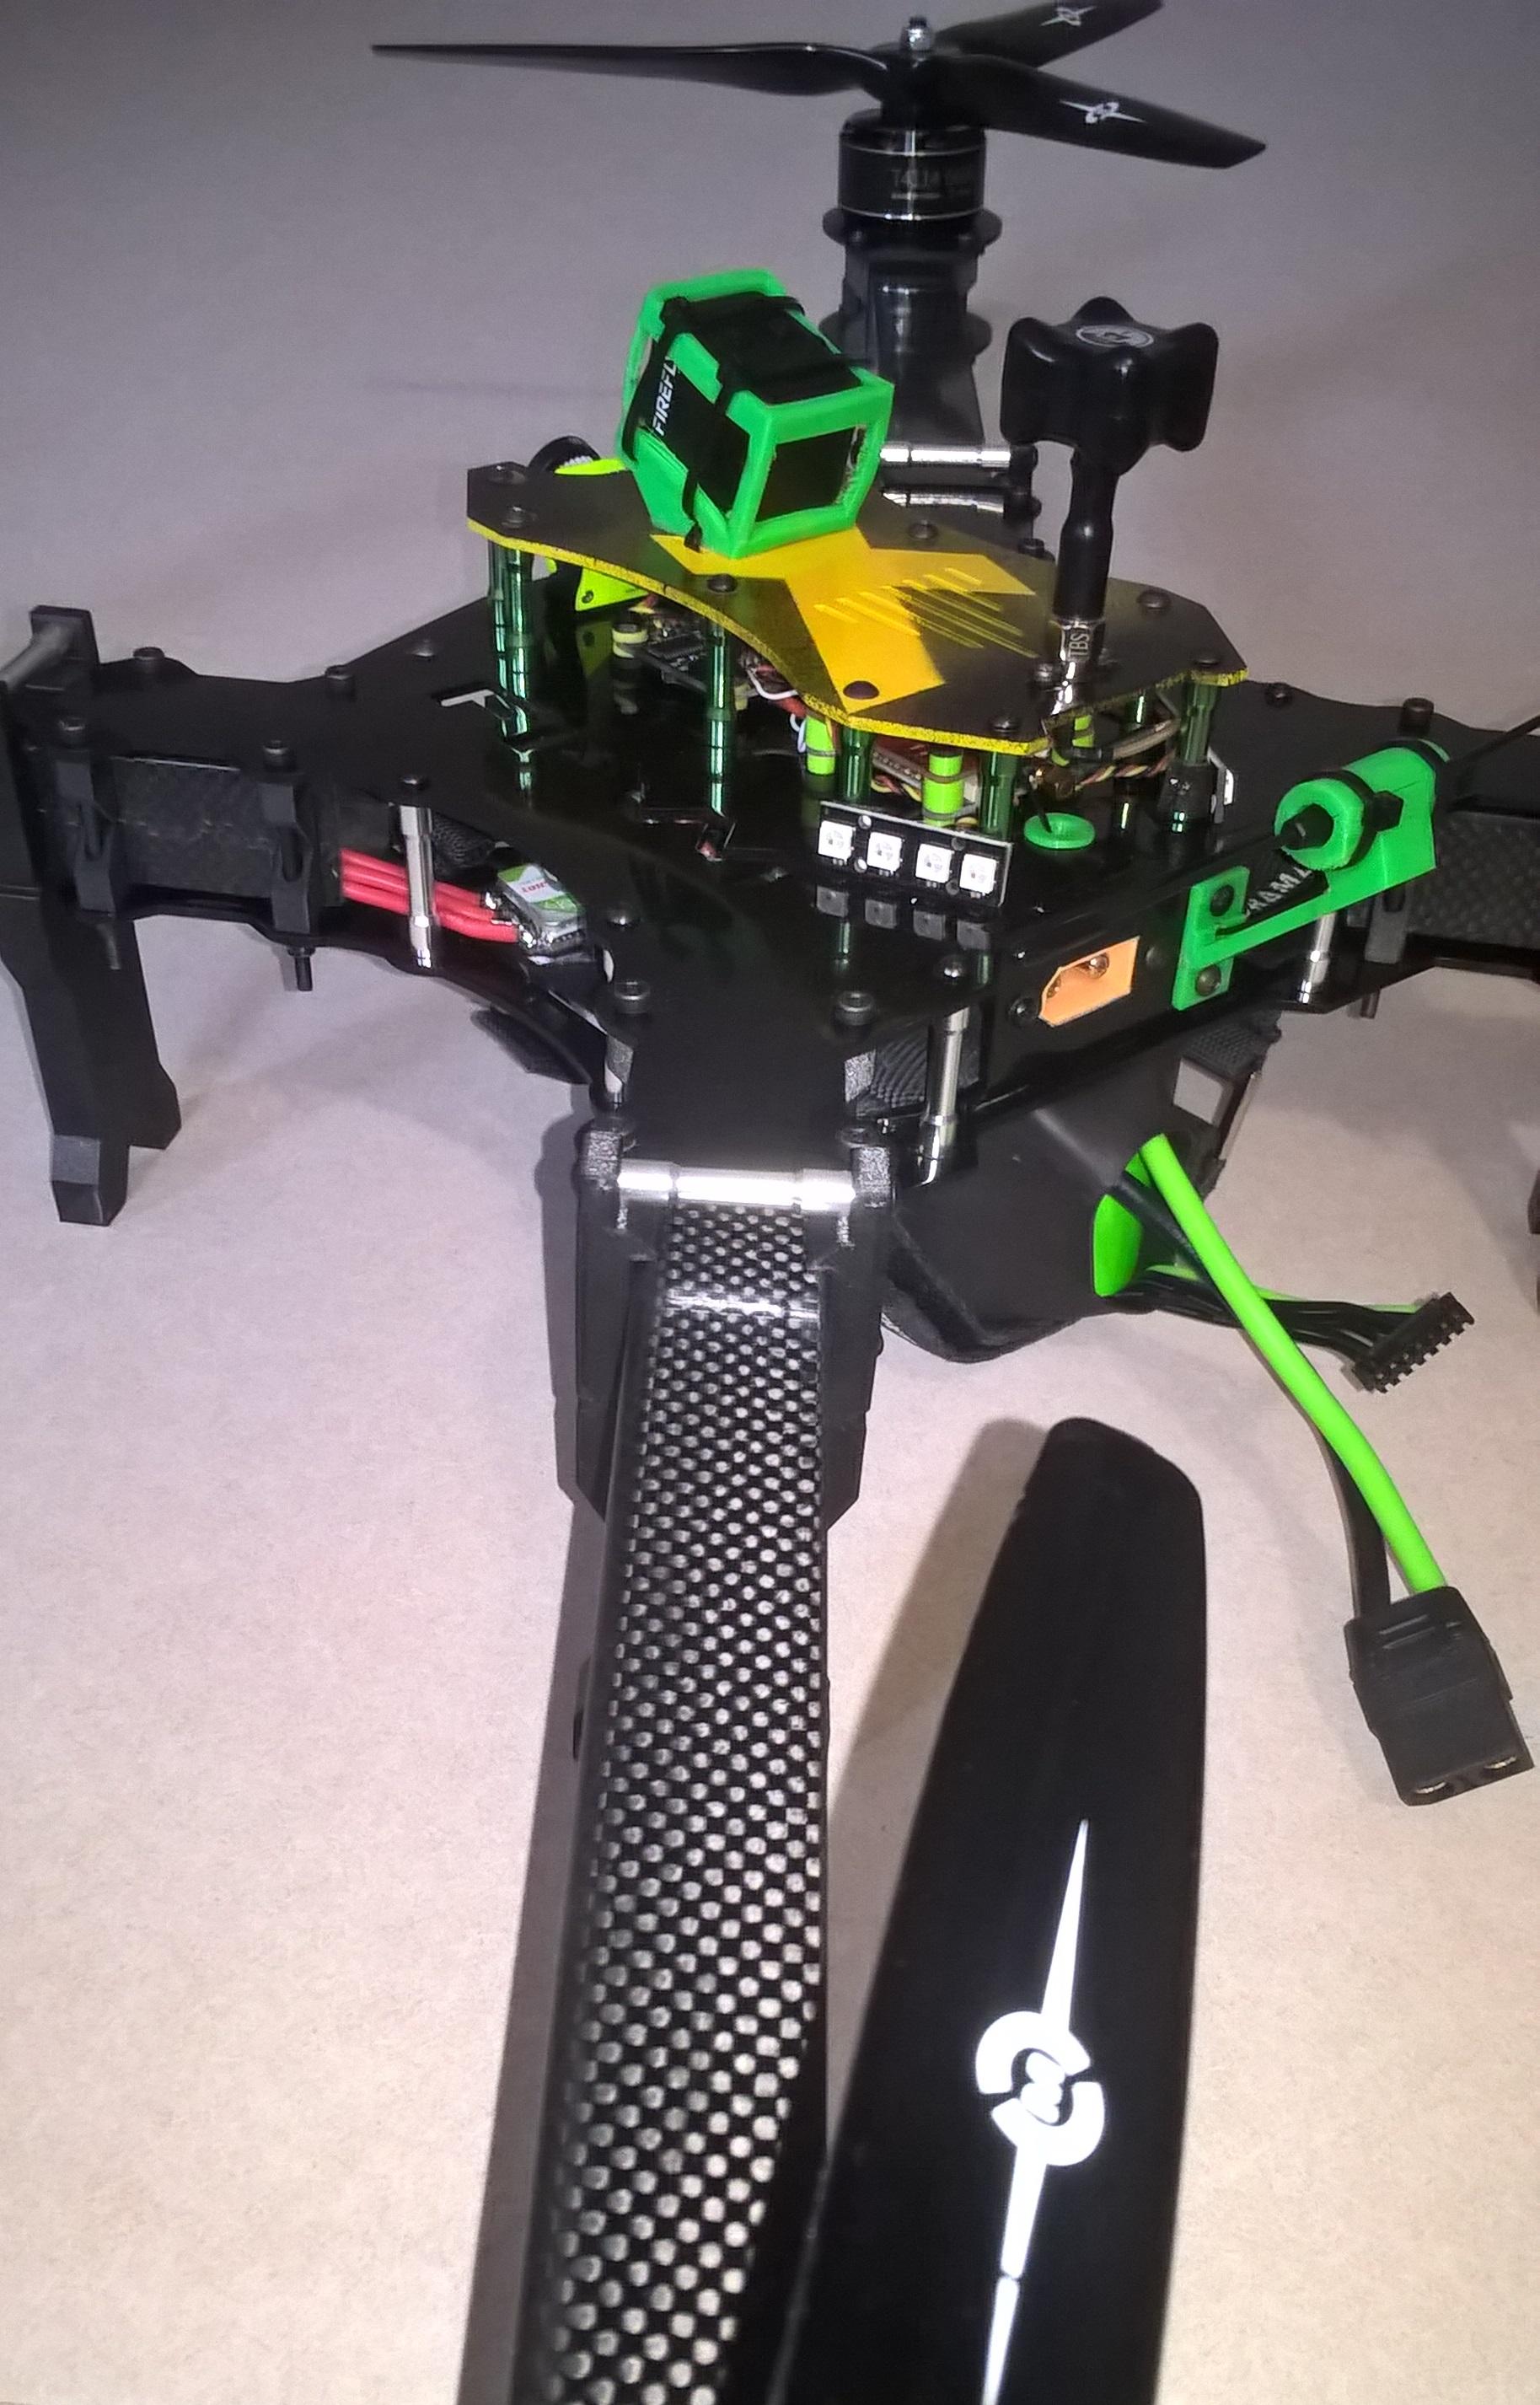 FPVmania XCLASS - HUSS 800